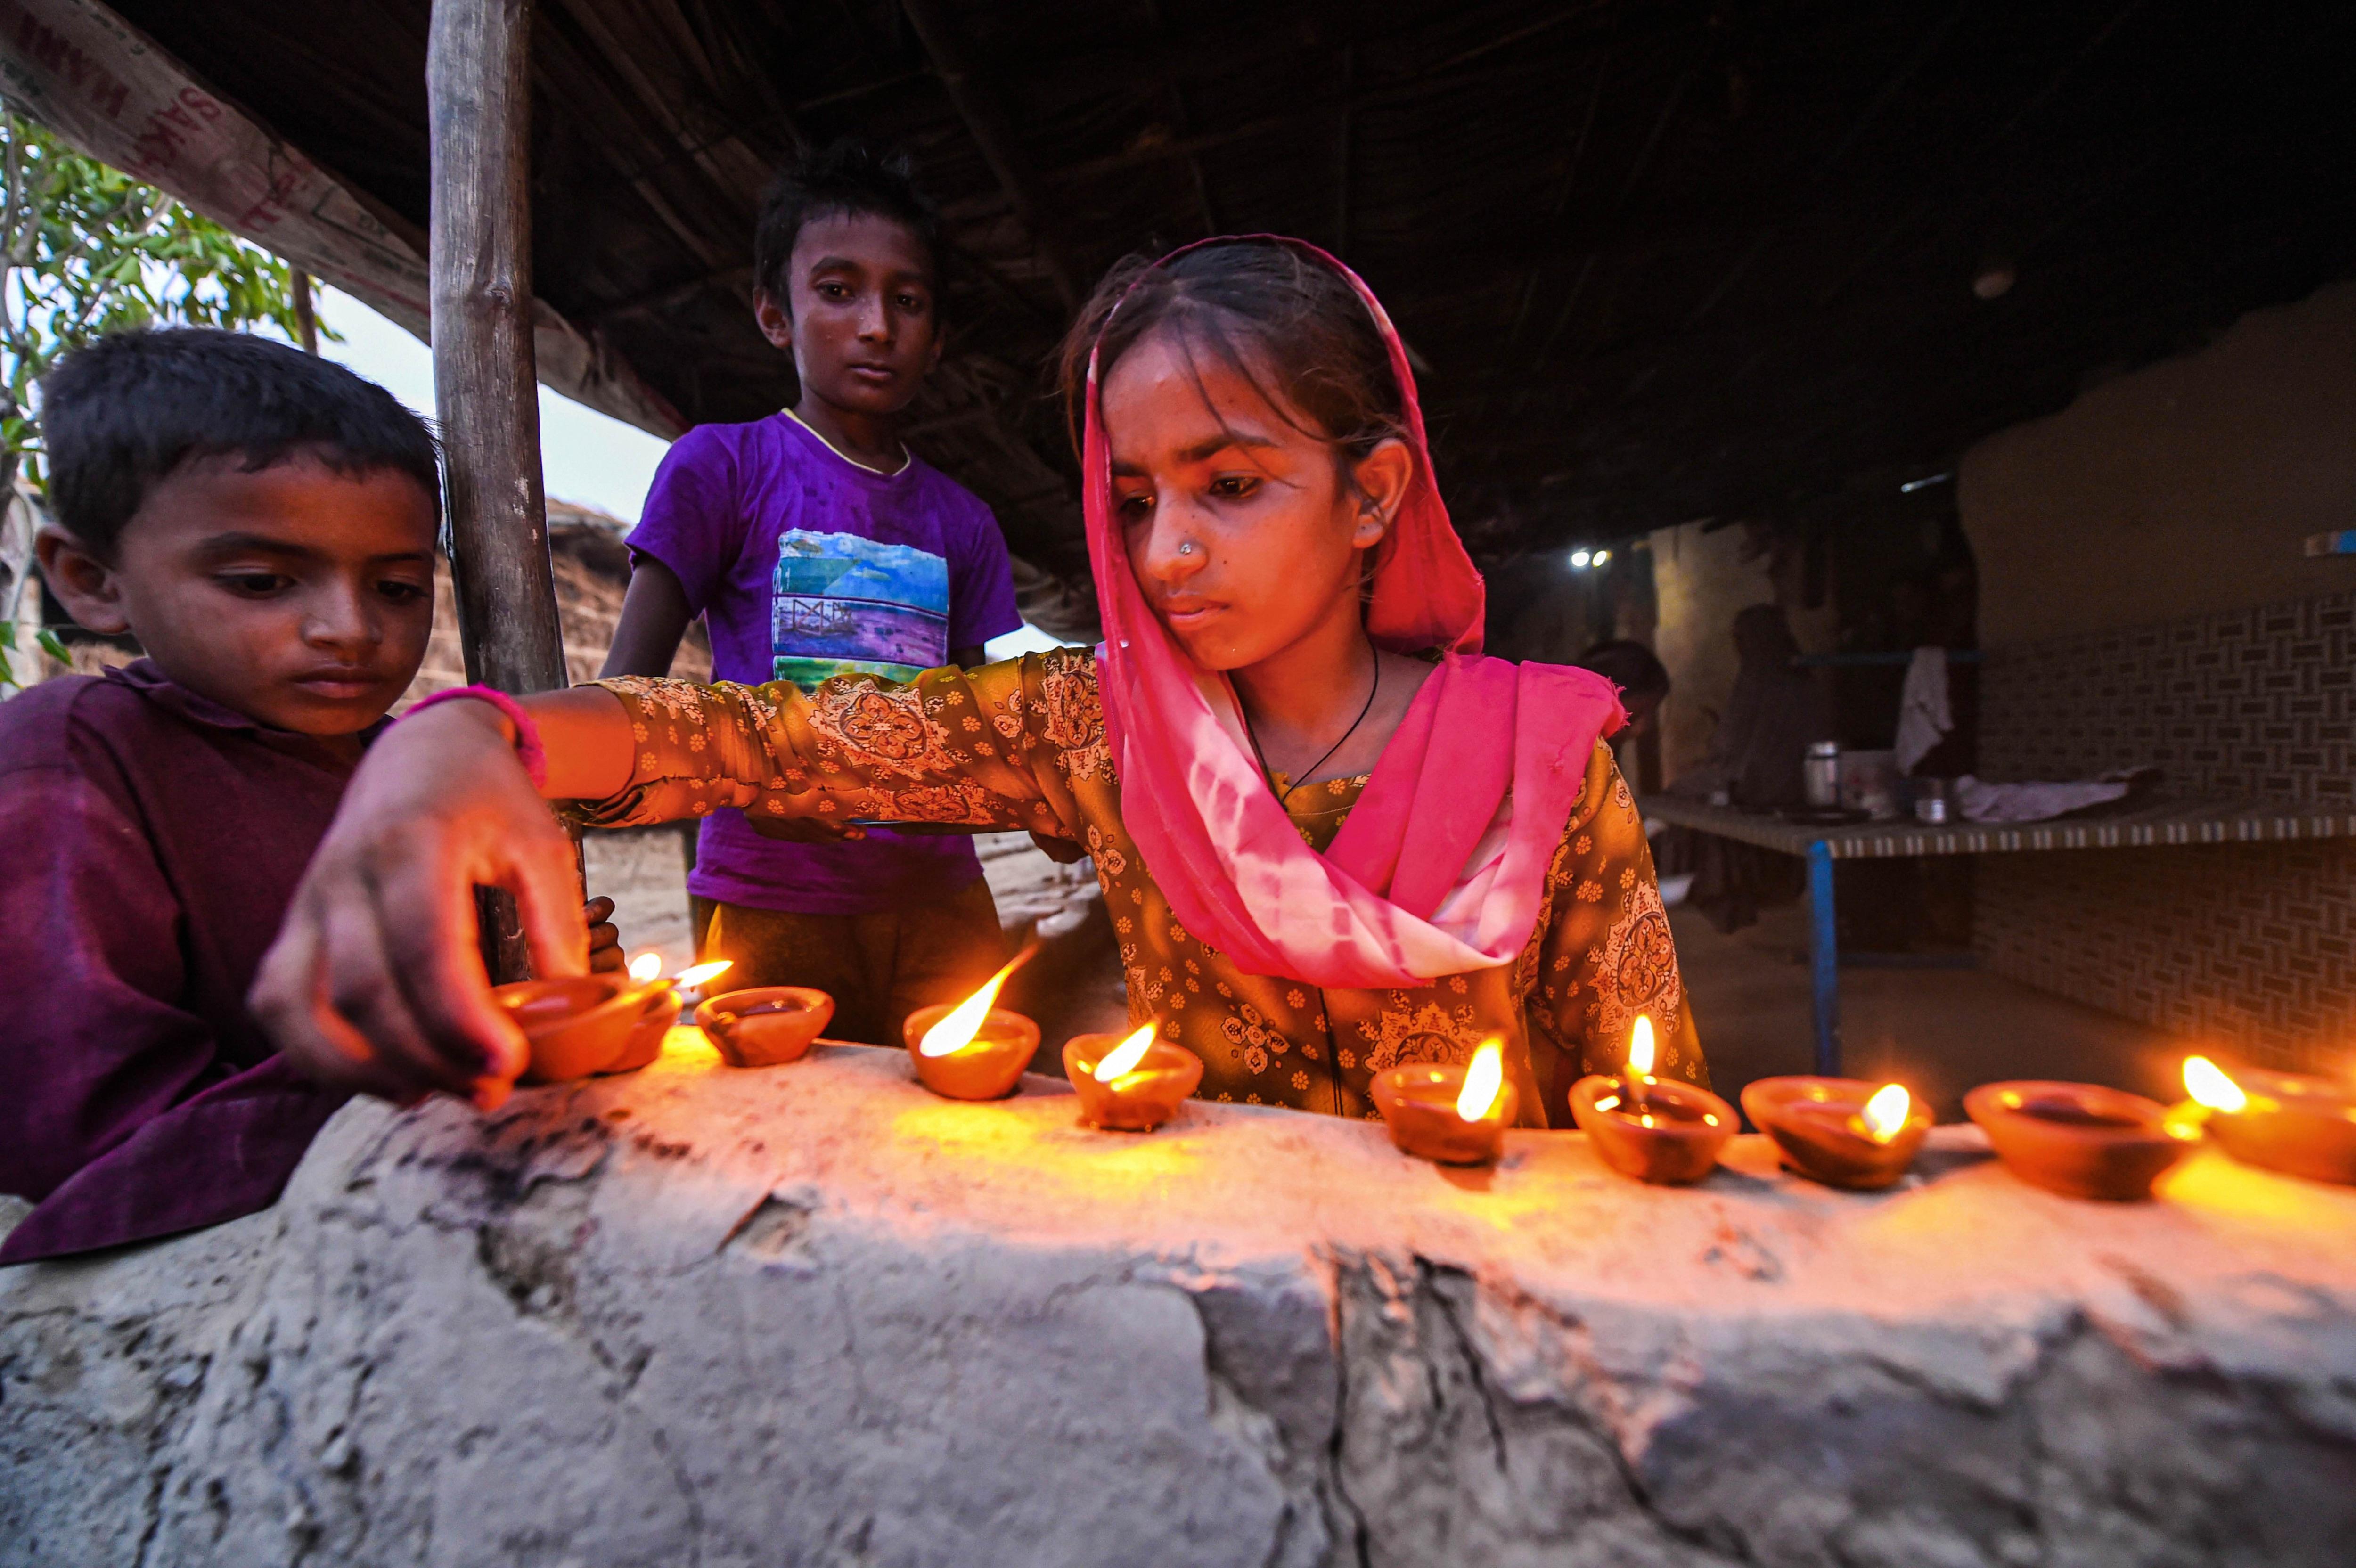 দিল্লিতে প্রদীপ দিয়েছেন পাকিস্তান থেকে আগত হিন্দু শরণার্থীরা। (PTI)